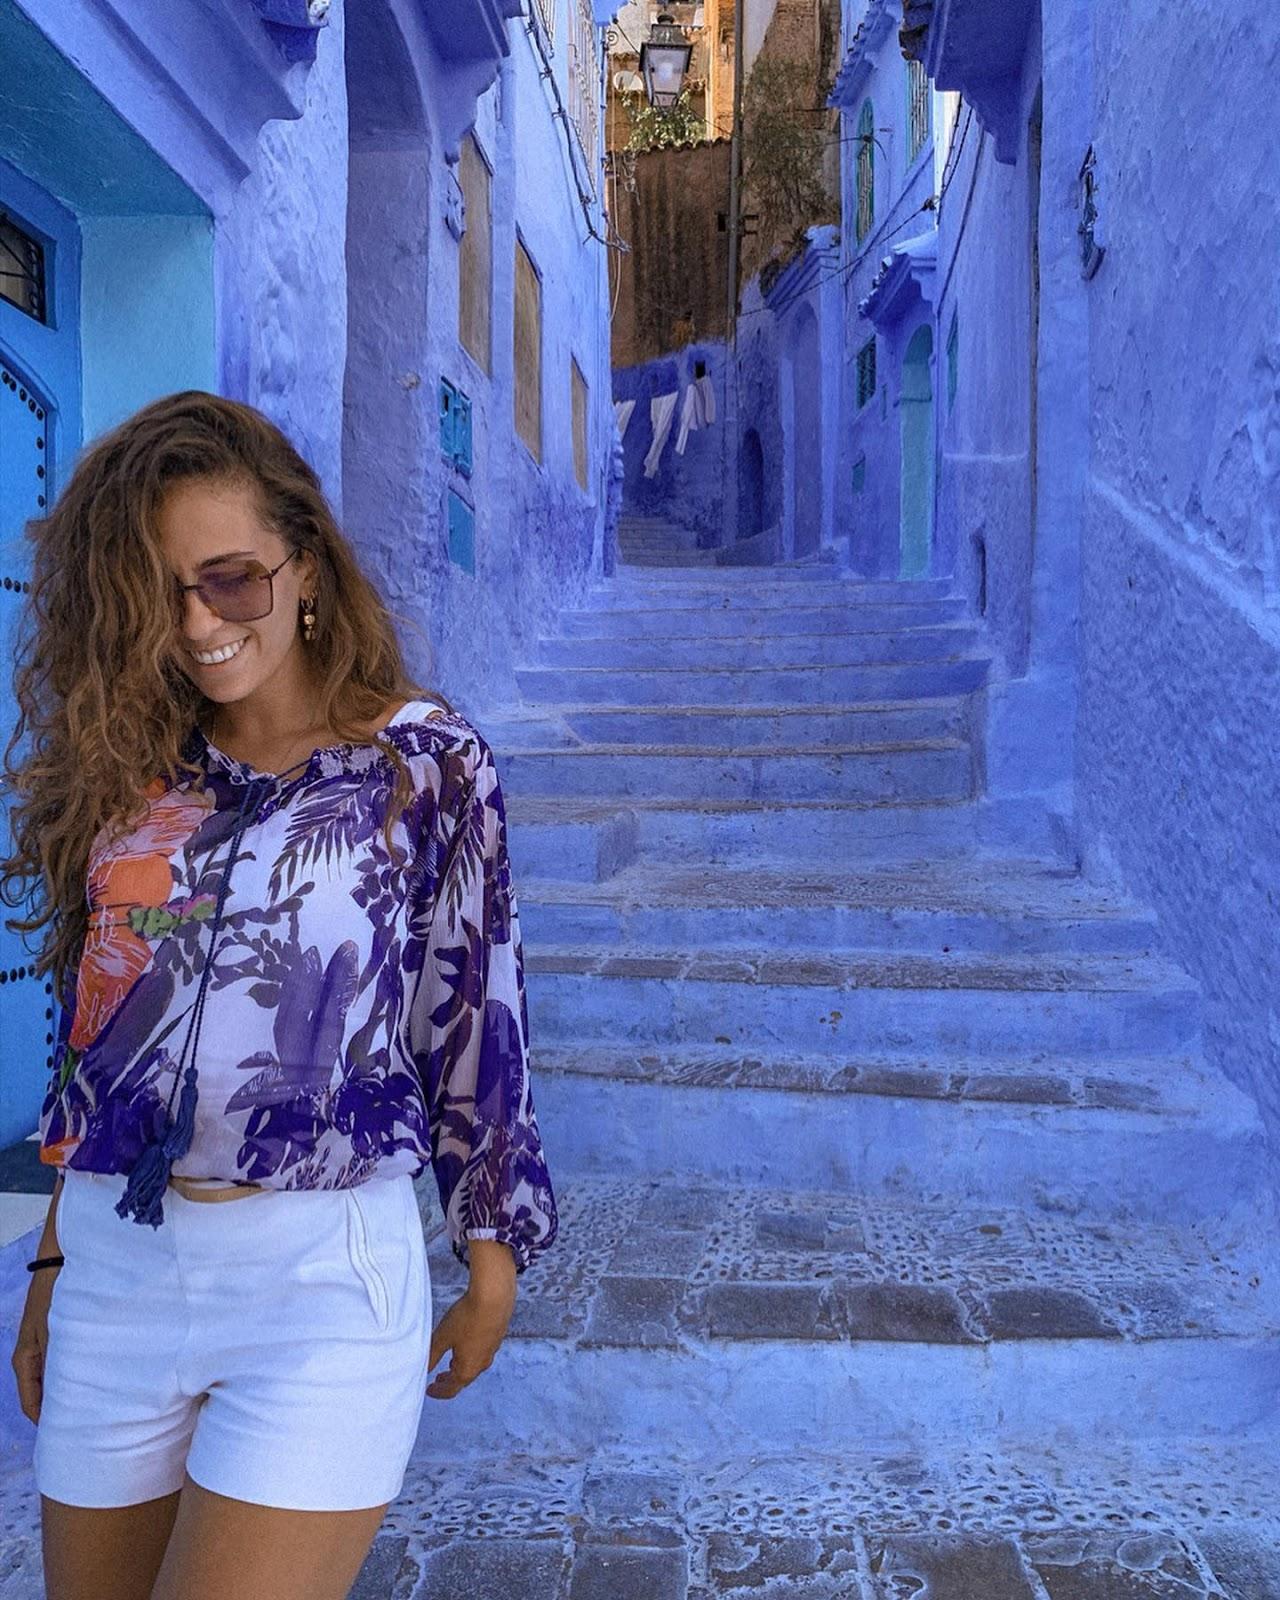 chefchaouen il fascino della città blu del Marocco, chefchaouen, città blu, Marocco, blogger di viaggi, Fashion Need, Valentina Rago, travel blogger milano, fashion blog milano